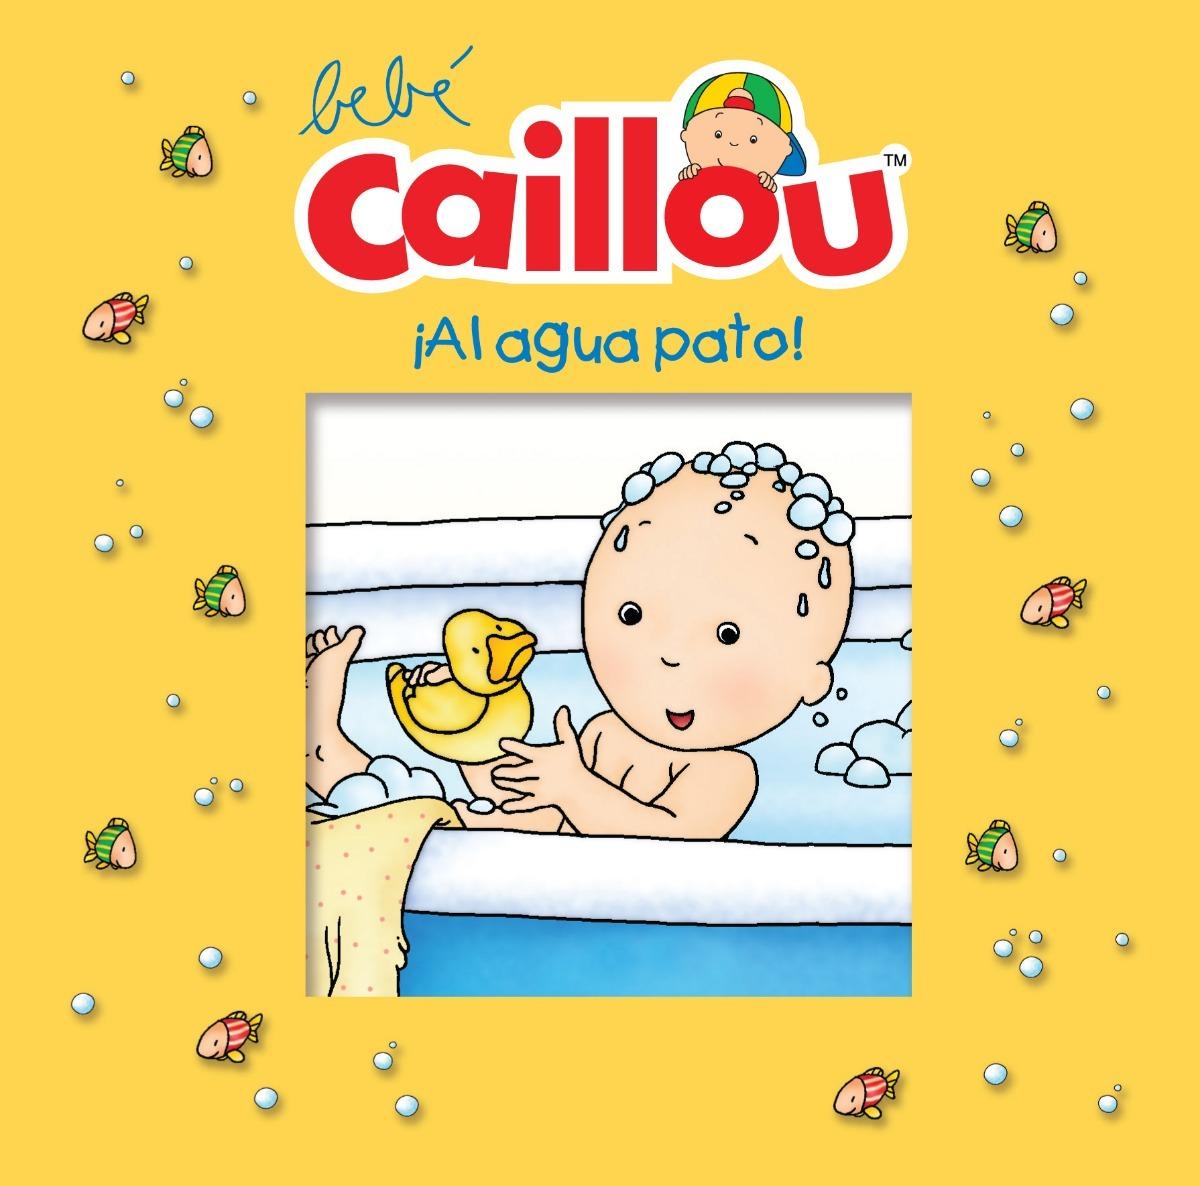 Caillo En El Bano.Bebe Caillou Libro De Bano Al Agua Pato